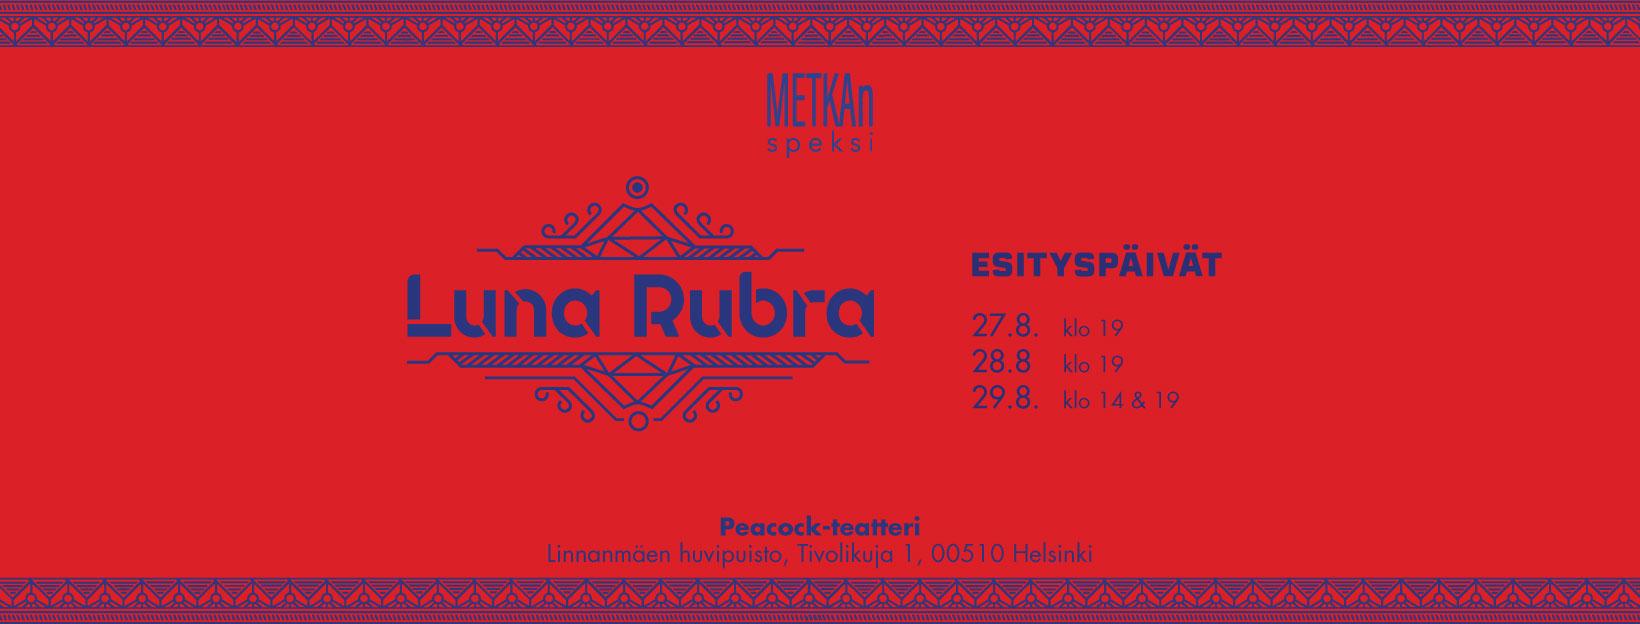 Linkki tapahtumaan METKAn Speksi 2020: Luna Rubra